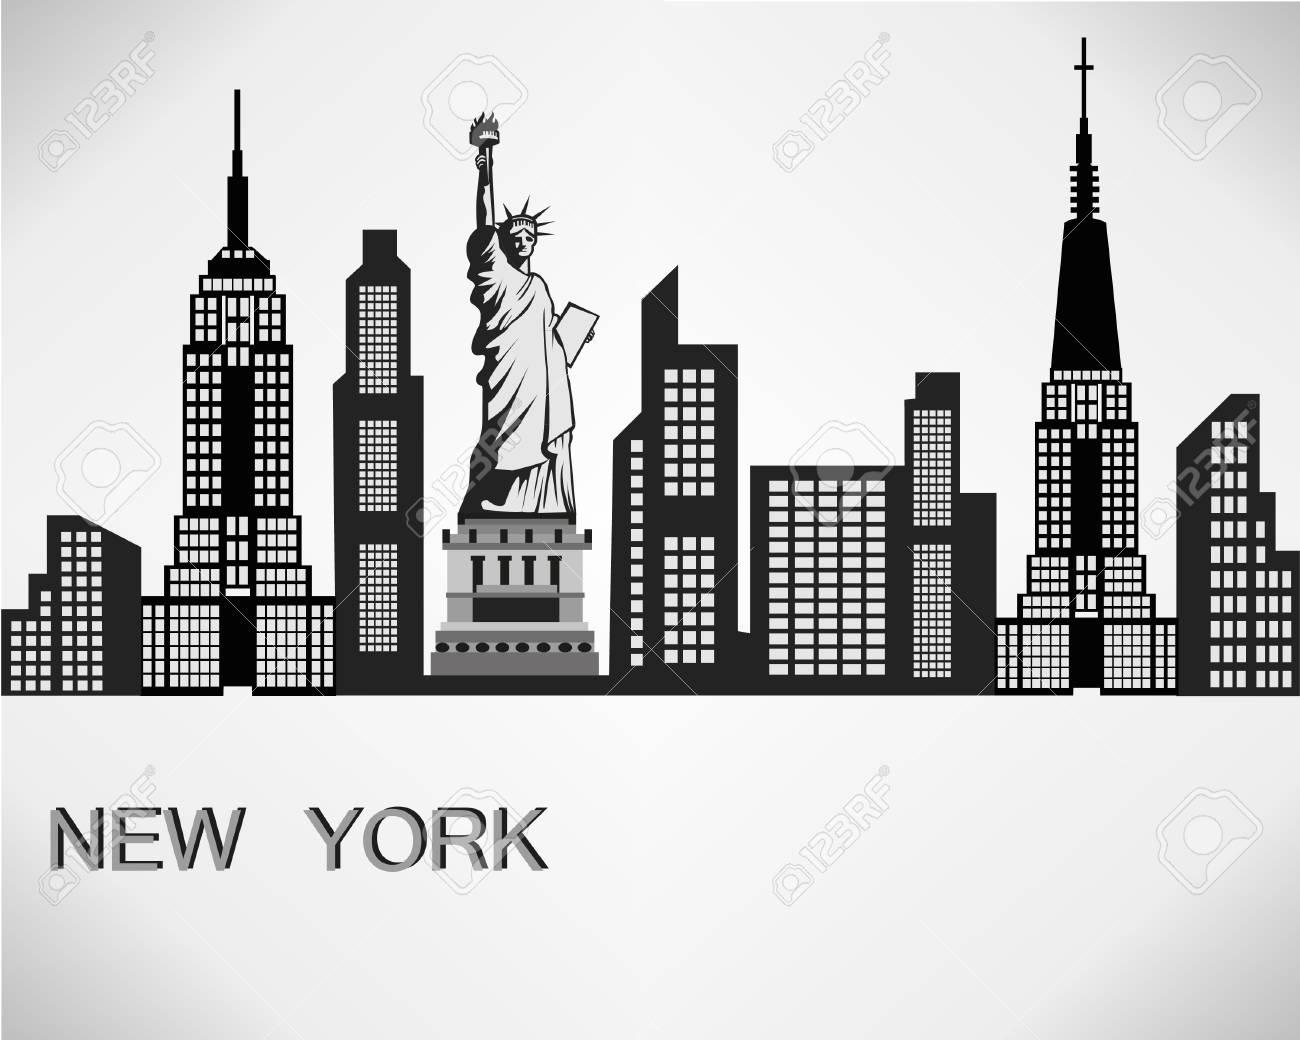 New York City Skyline Detailed Silhouette Vector Illustration